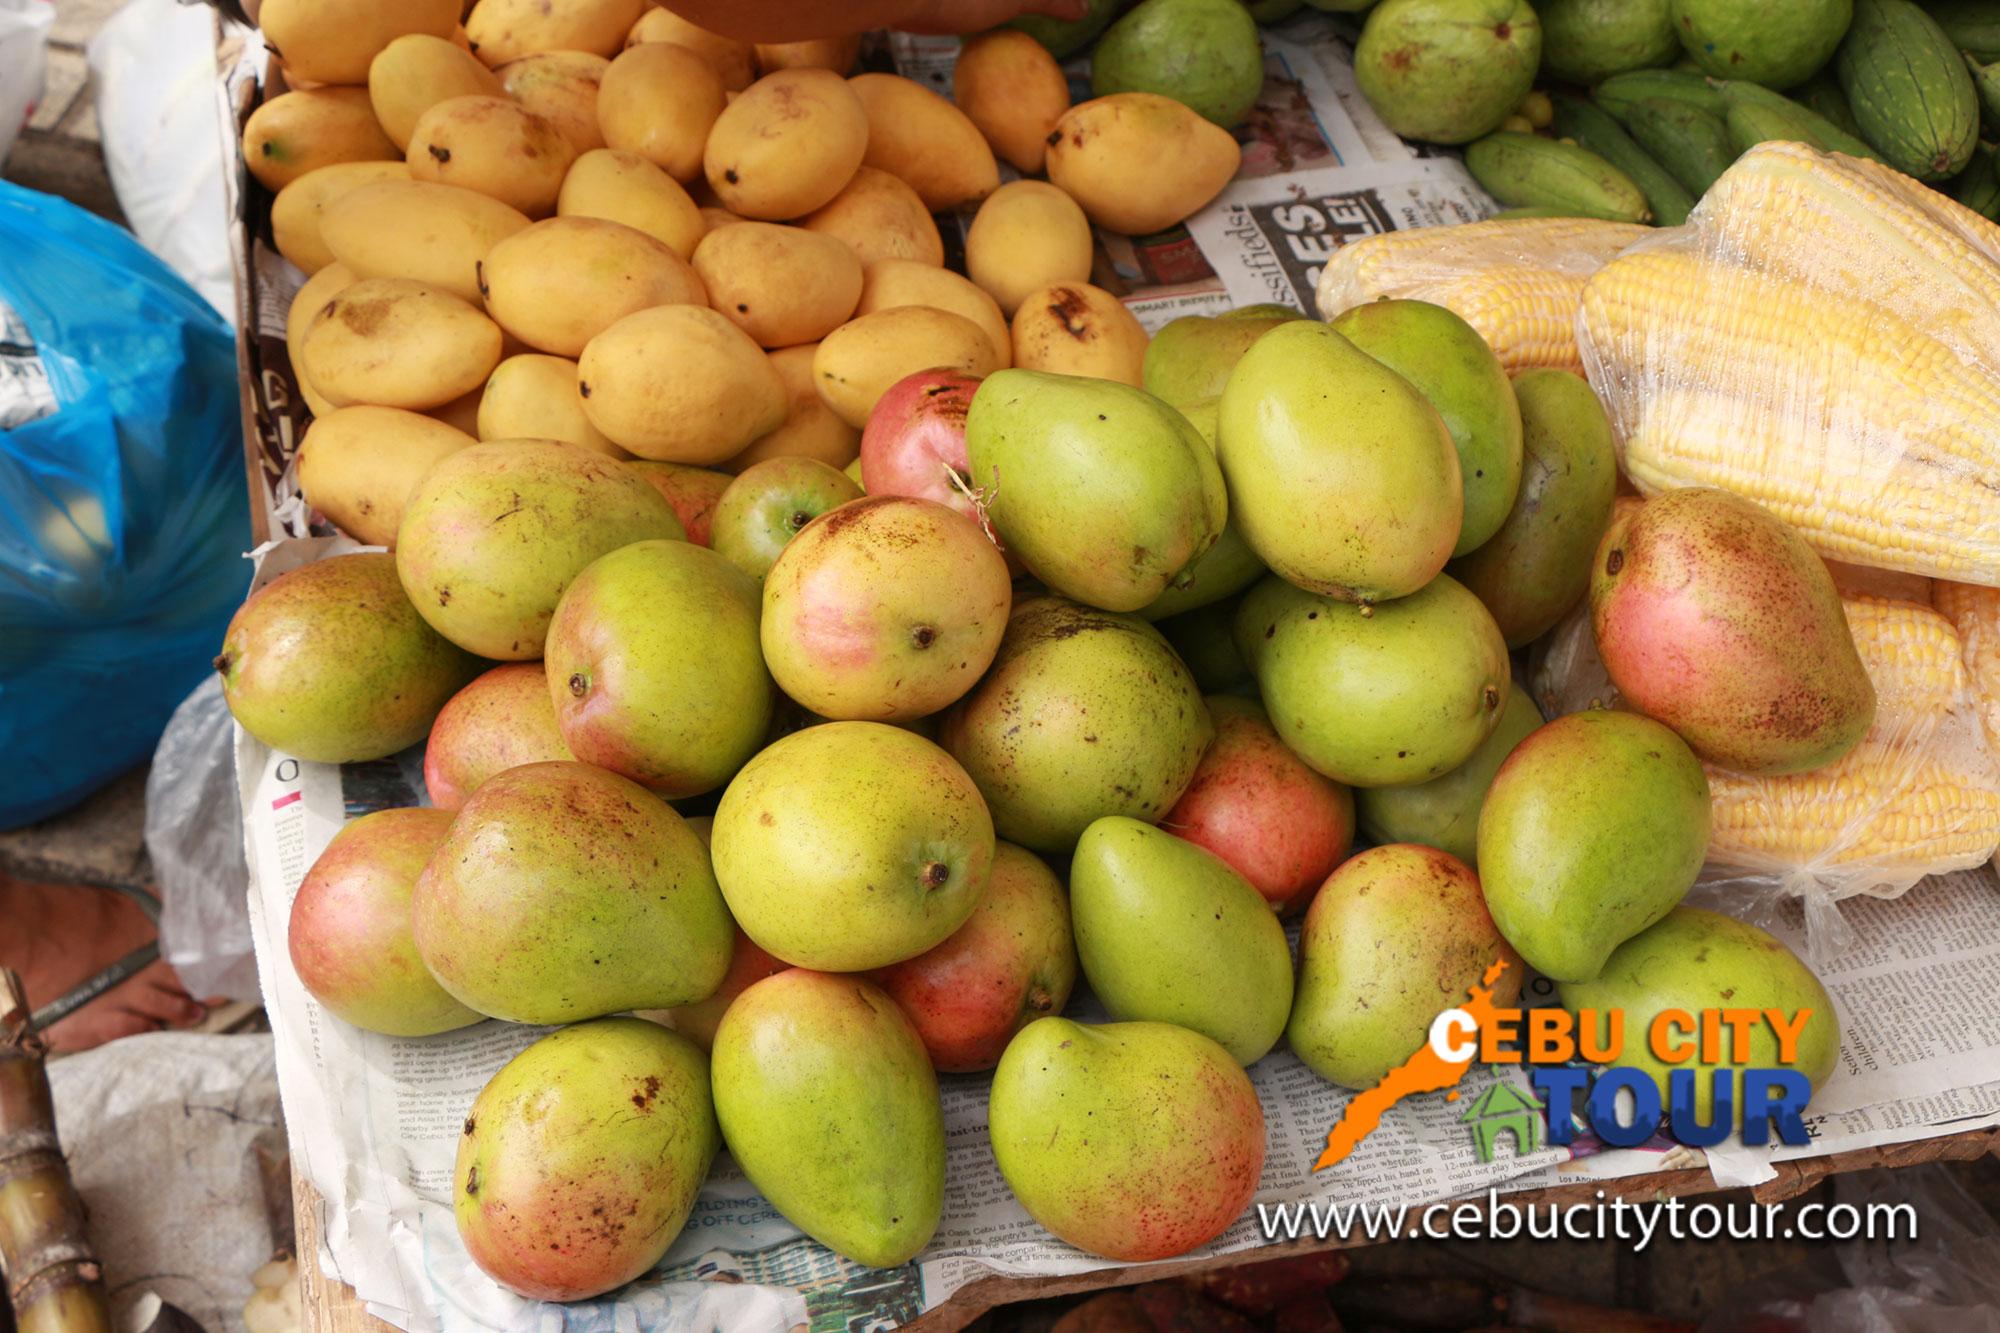 Cebu-Mangga-products